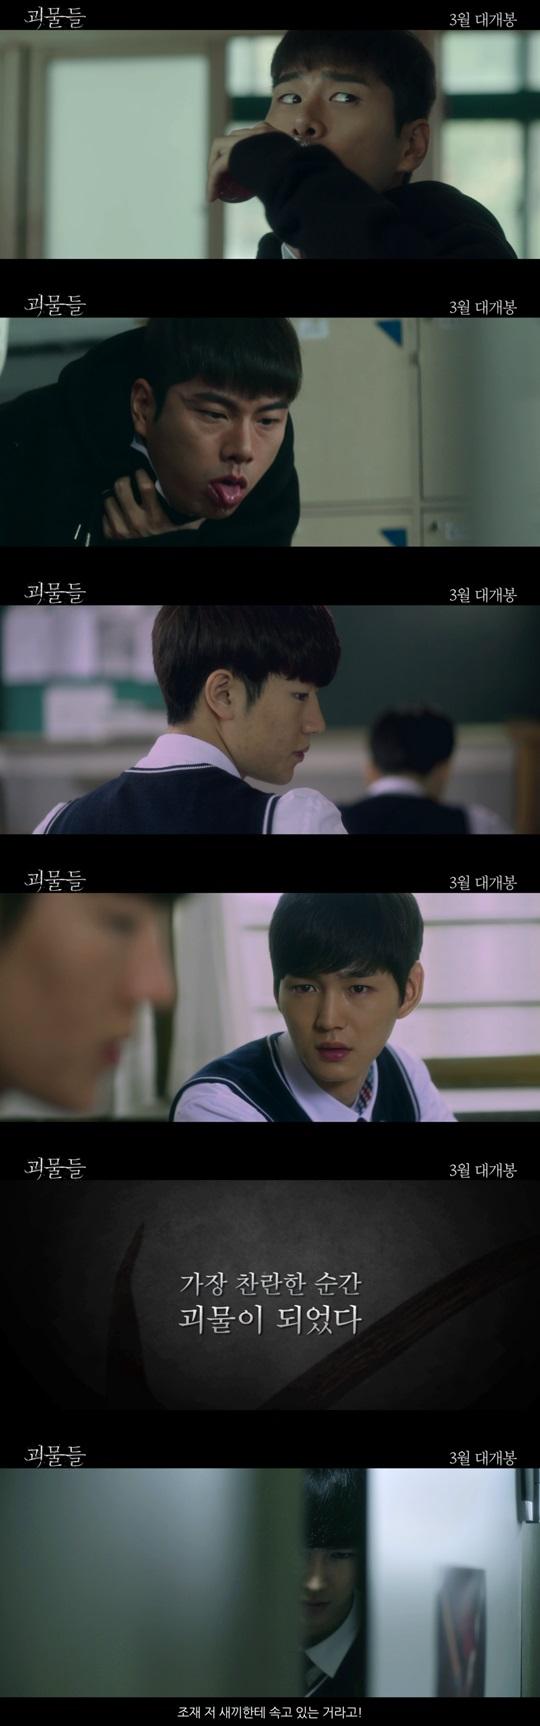 '괴물들' 60초 무삭제 영상 공개, 베일 벗은 문제적 실화